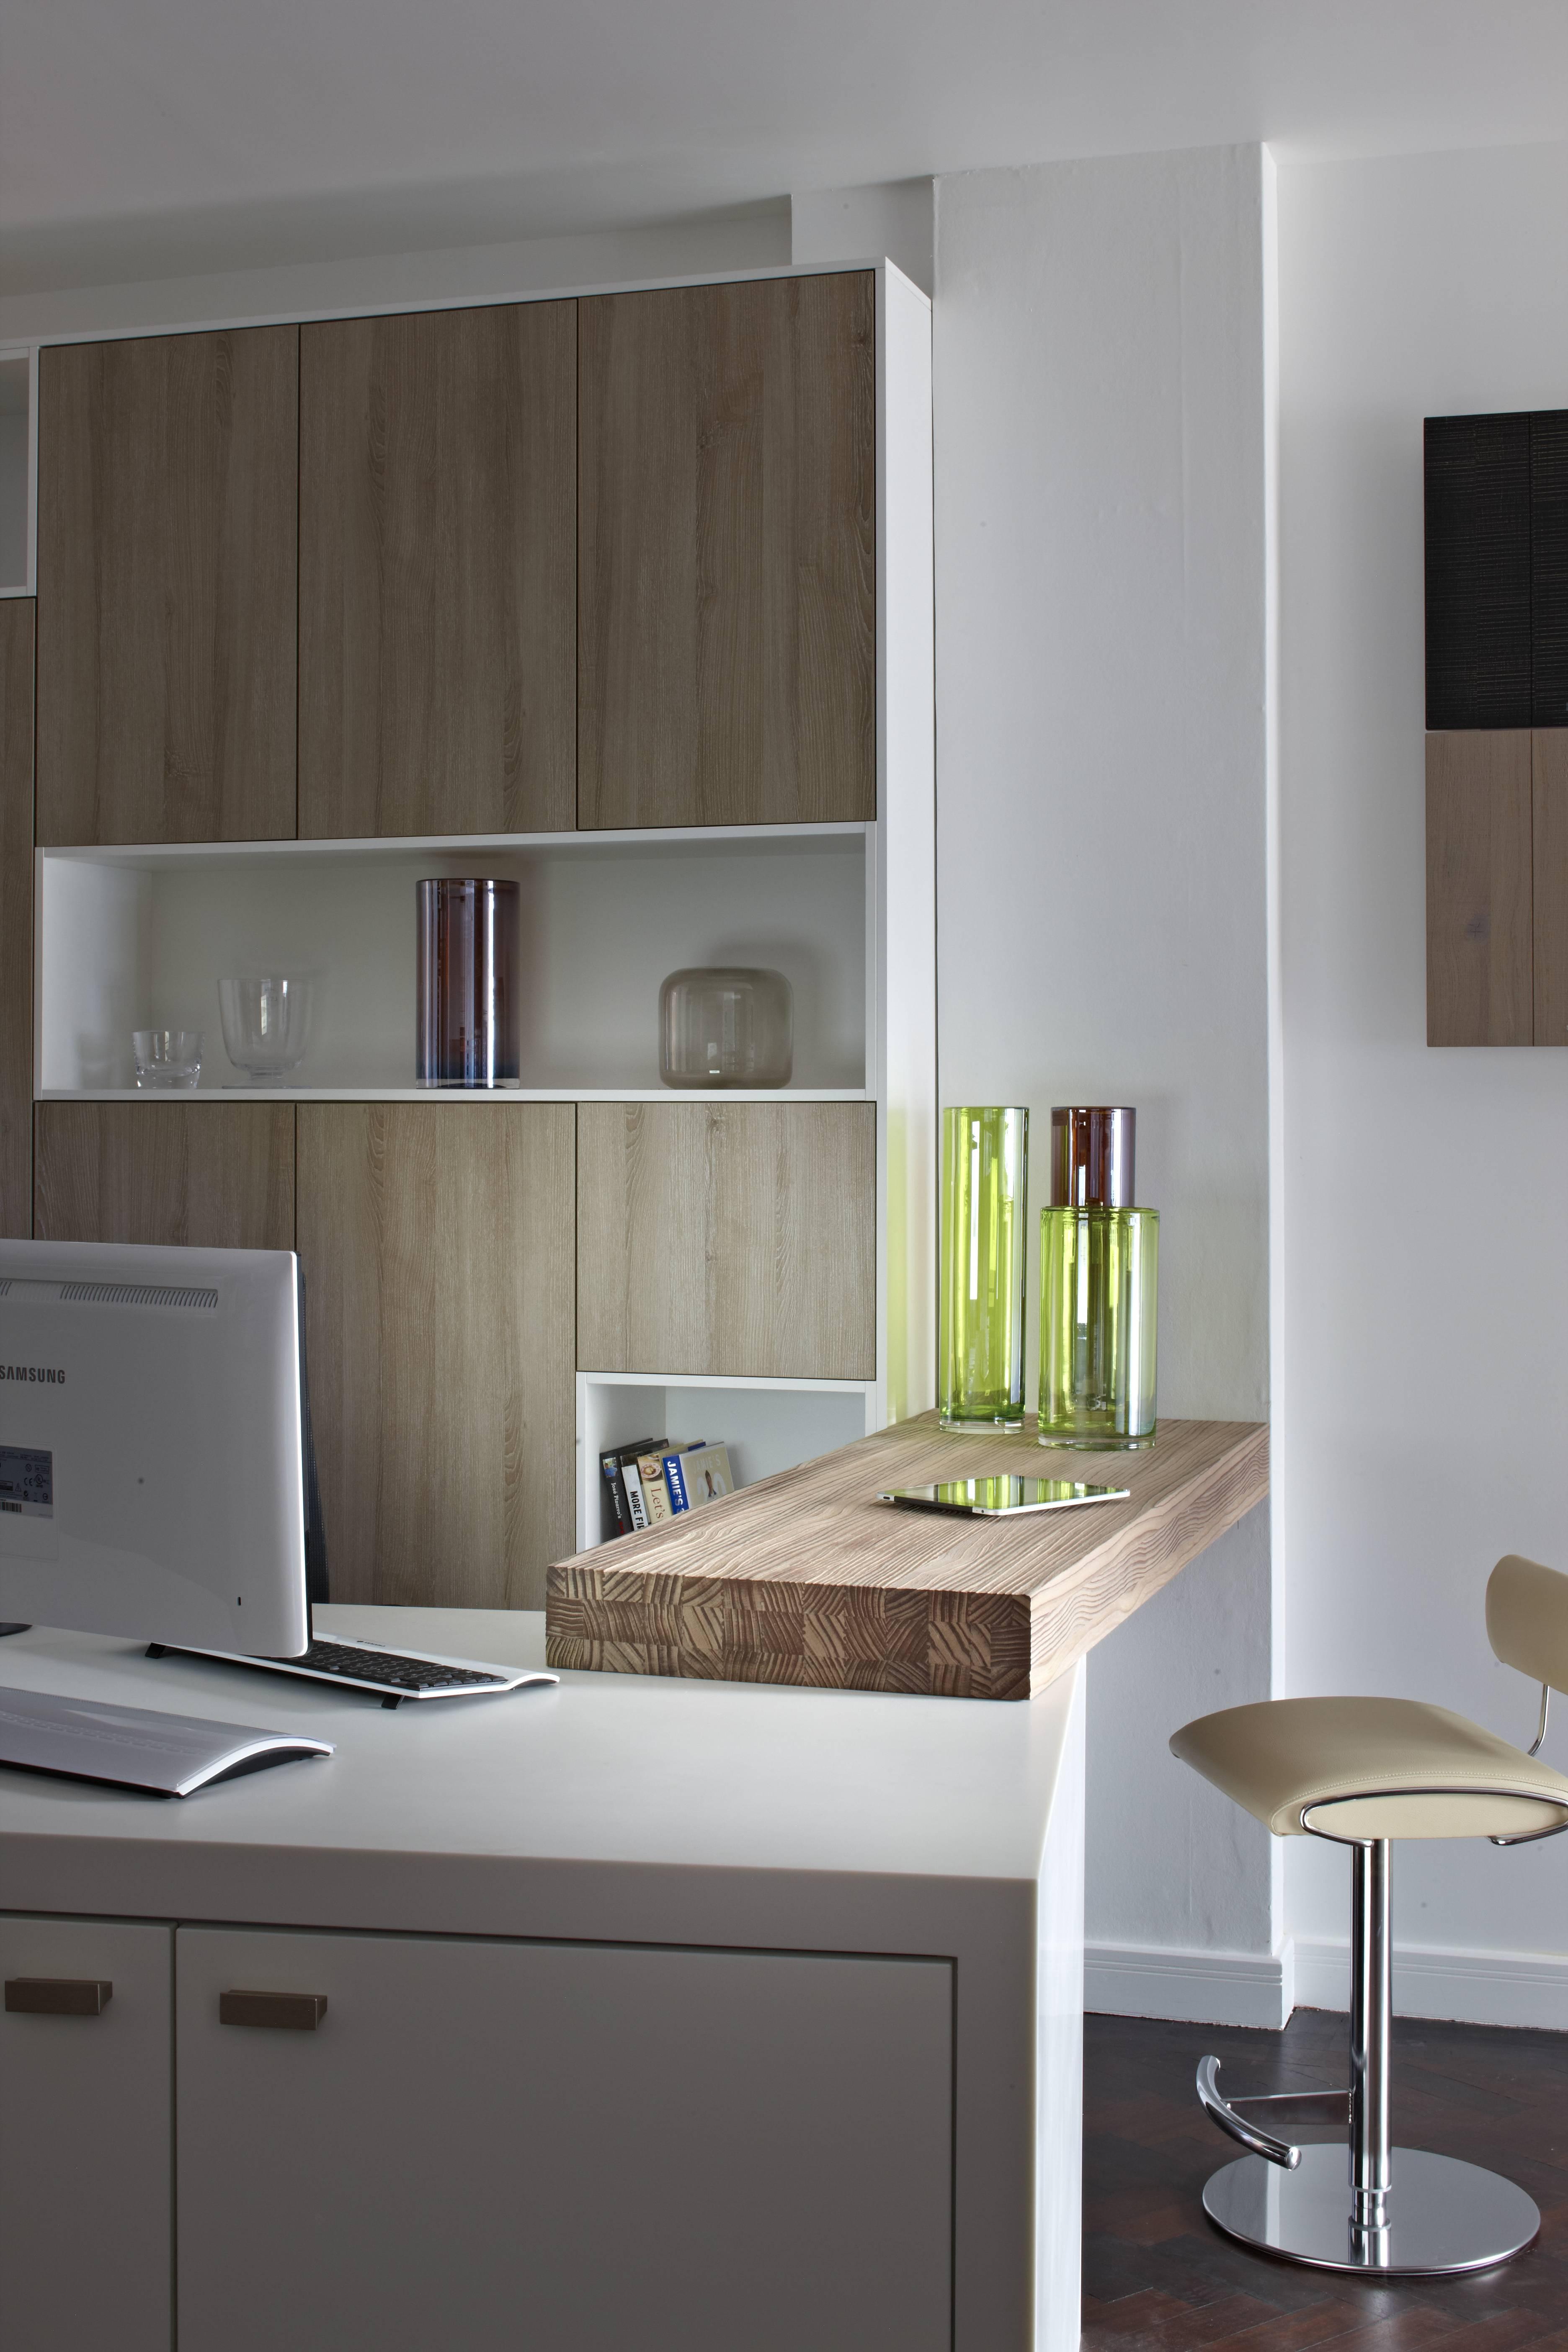 Einen Besonderen Schwerpunkt Legt Rotpunkt Küchen Daneben Auf Holzküchen,  Die Mit Einem Hohen Handwerklichen Anteil Gefertigt Werden.